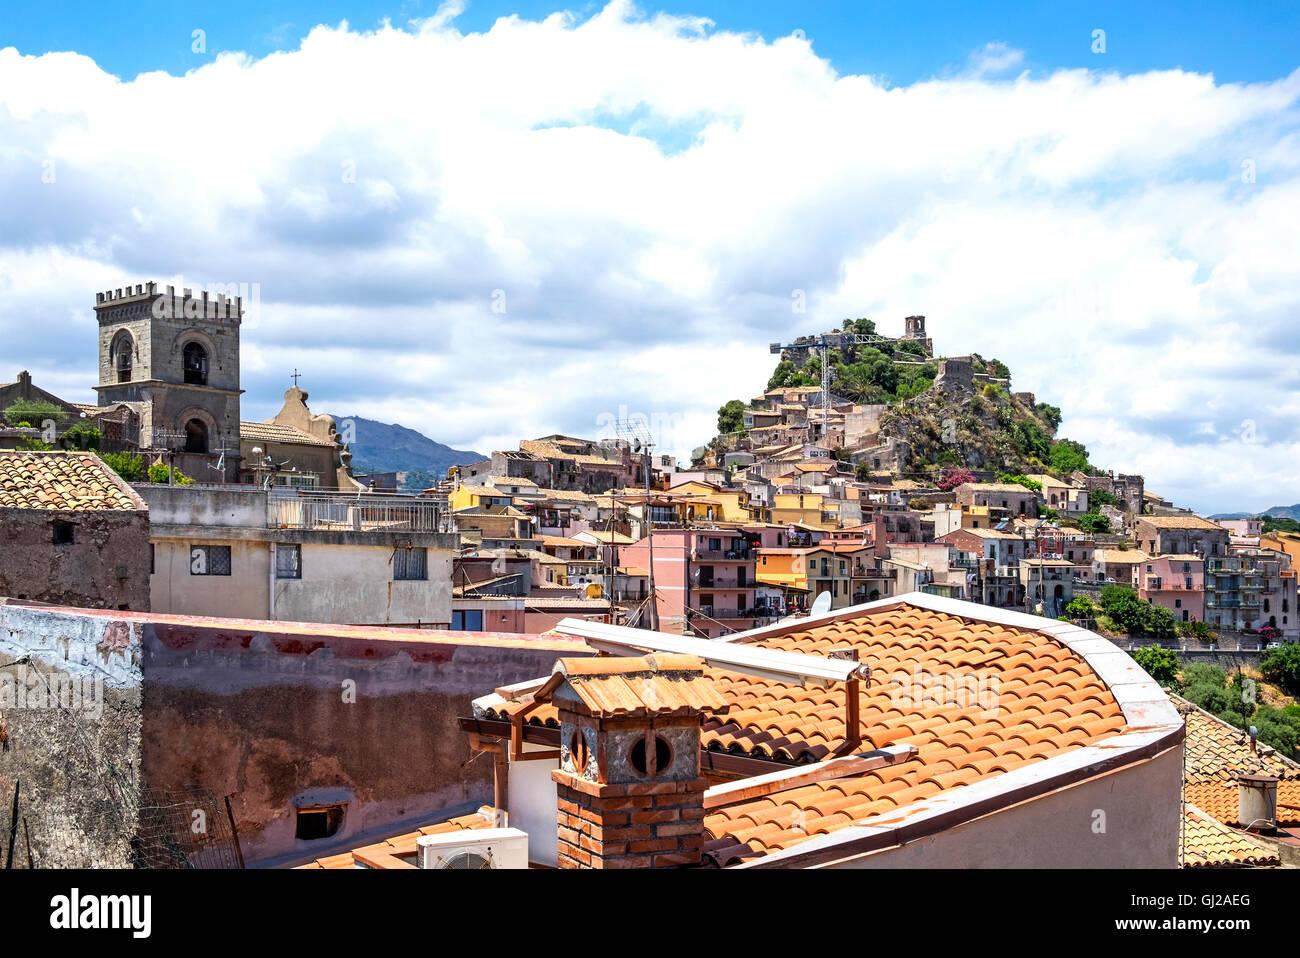 Die sizilianischen Dorf von Forza d'Agro hoch in die Peloritani Berge auf der Insel Sizilien, Italien Stockbild